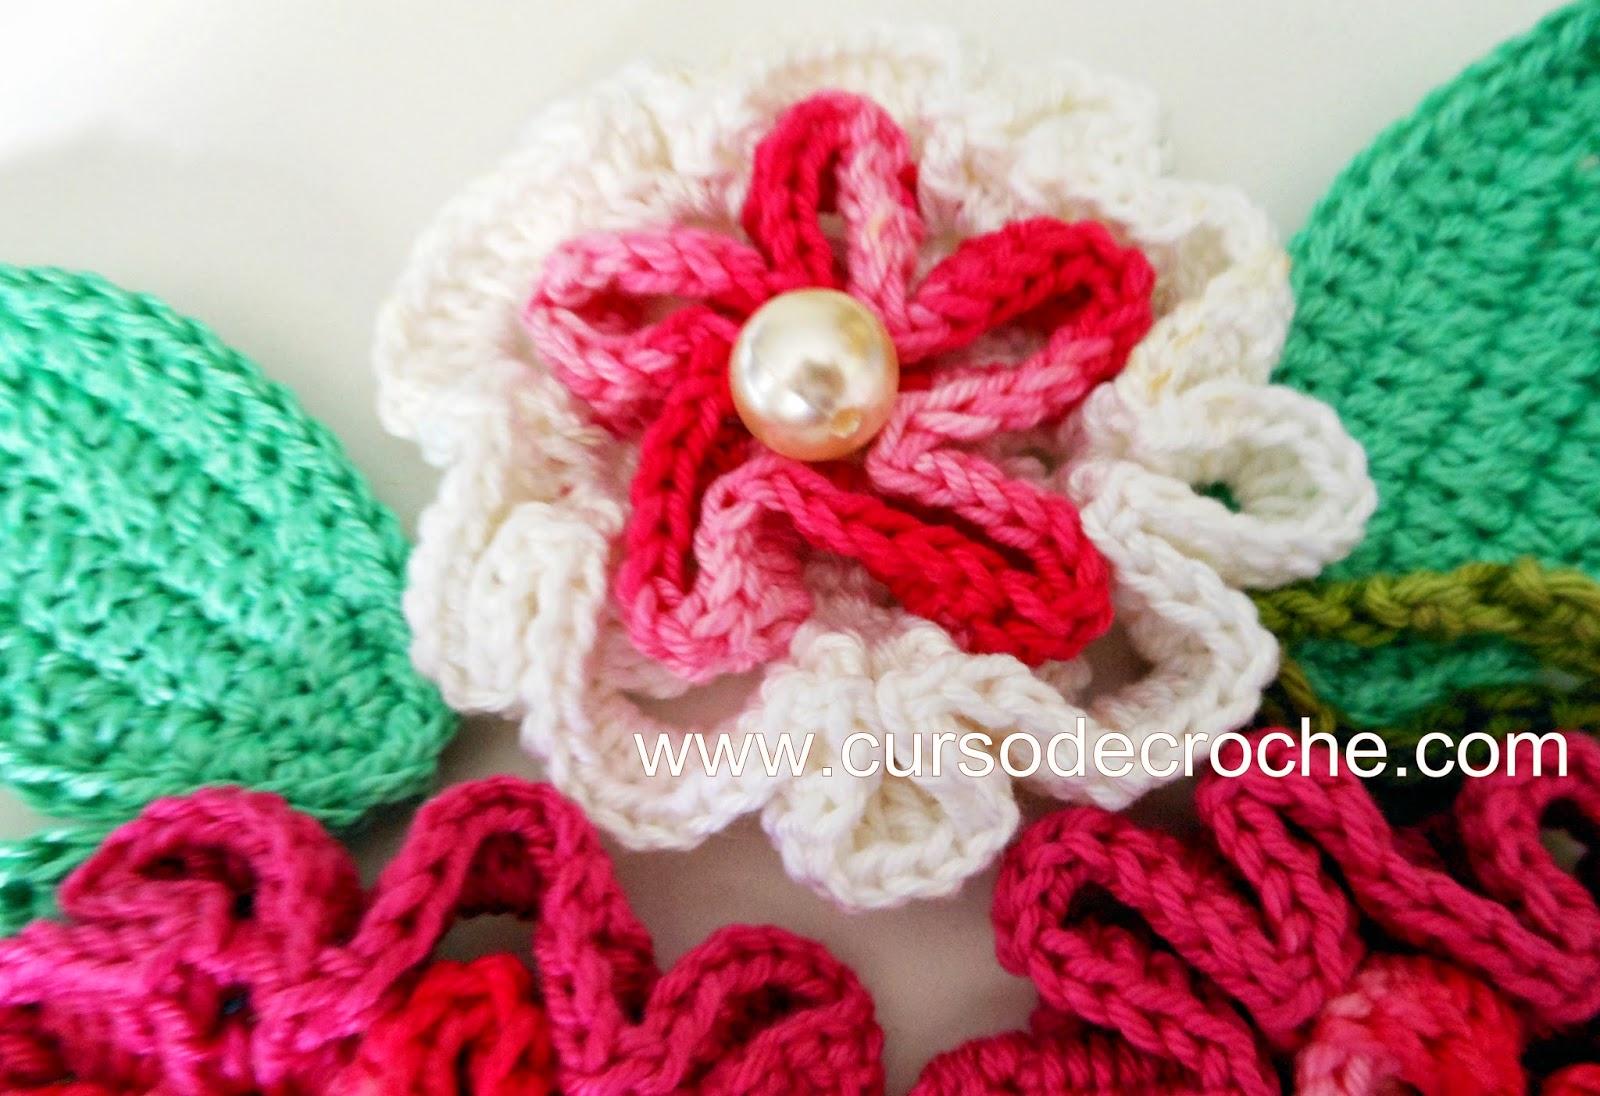 dvd flores em croche com 5 volumes com Edinir-Crocha na loja curso de croche com frete gratis